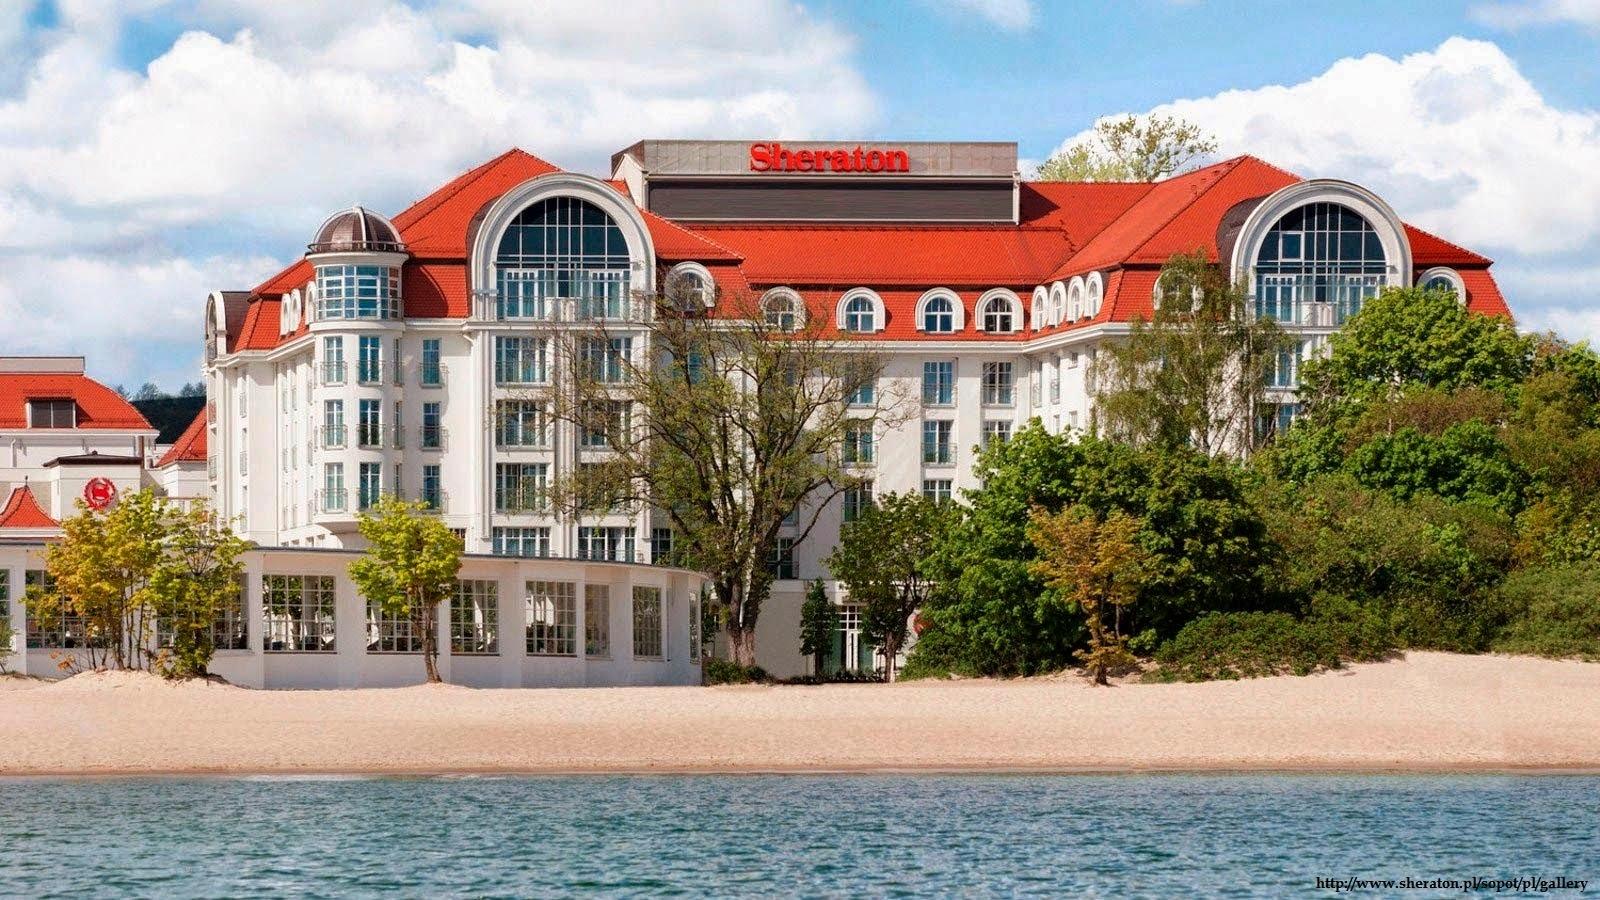 Hotel Sheraton - Sopot